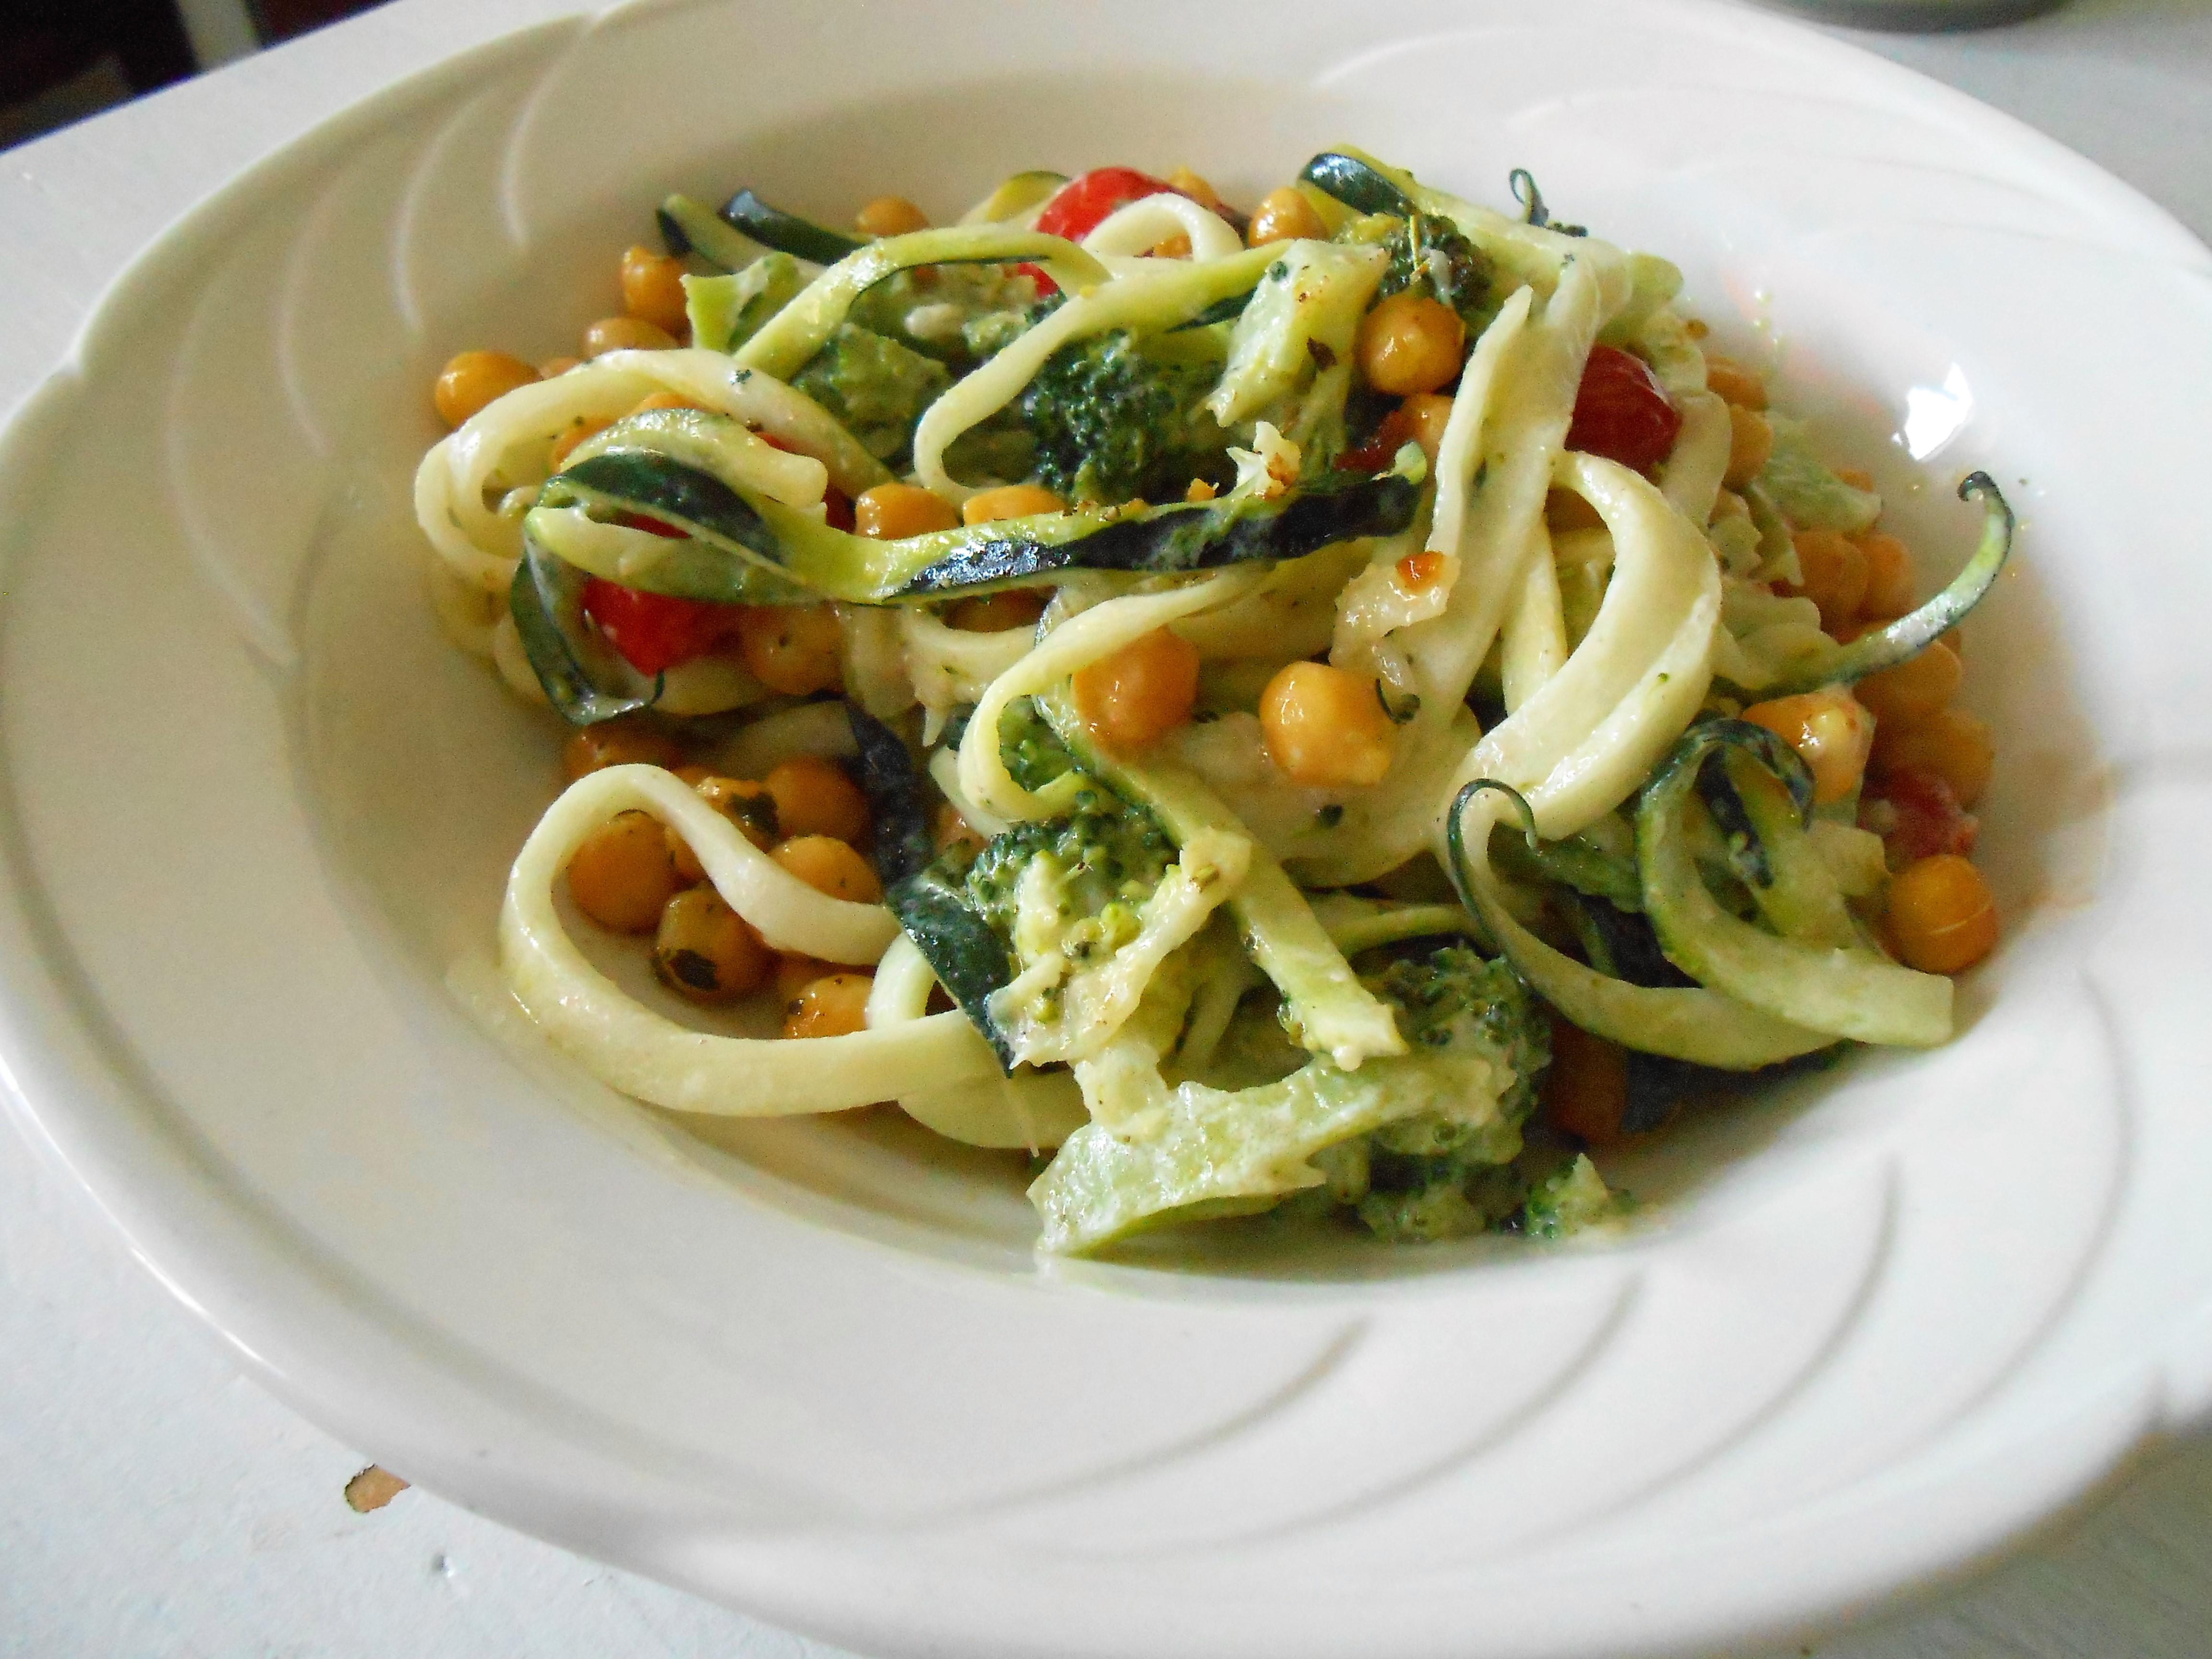 Courgette spaghetti met kikkererwten